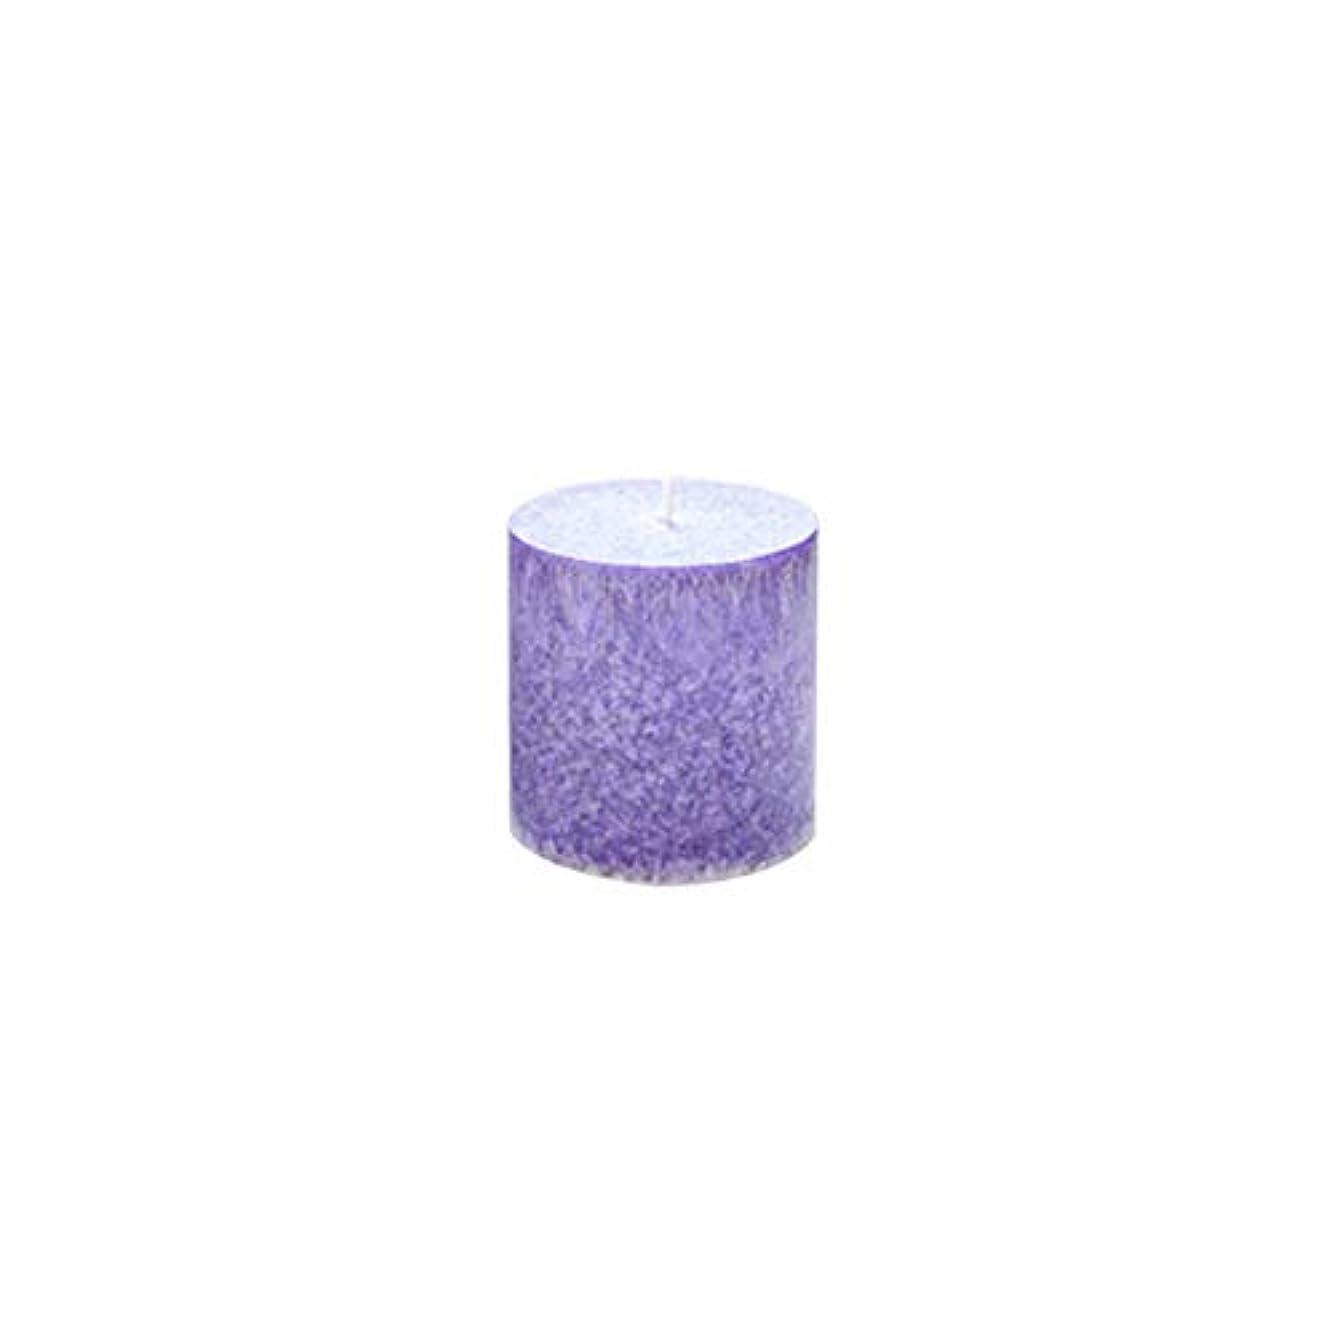 旅行再集計豊かにするRakuby 香料入り 蝋燭 ロマンチック 紫色 ラベンダー アロマ療法 柱 蝋燭 祝祭 結婚祝い 無煙蝋燭